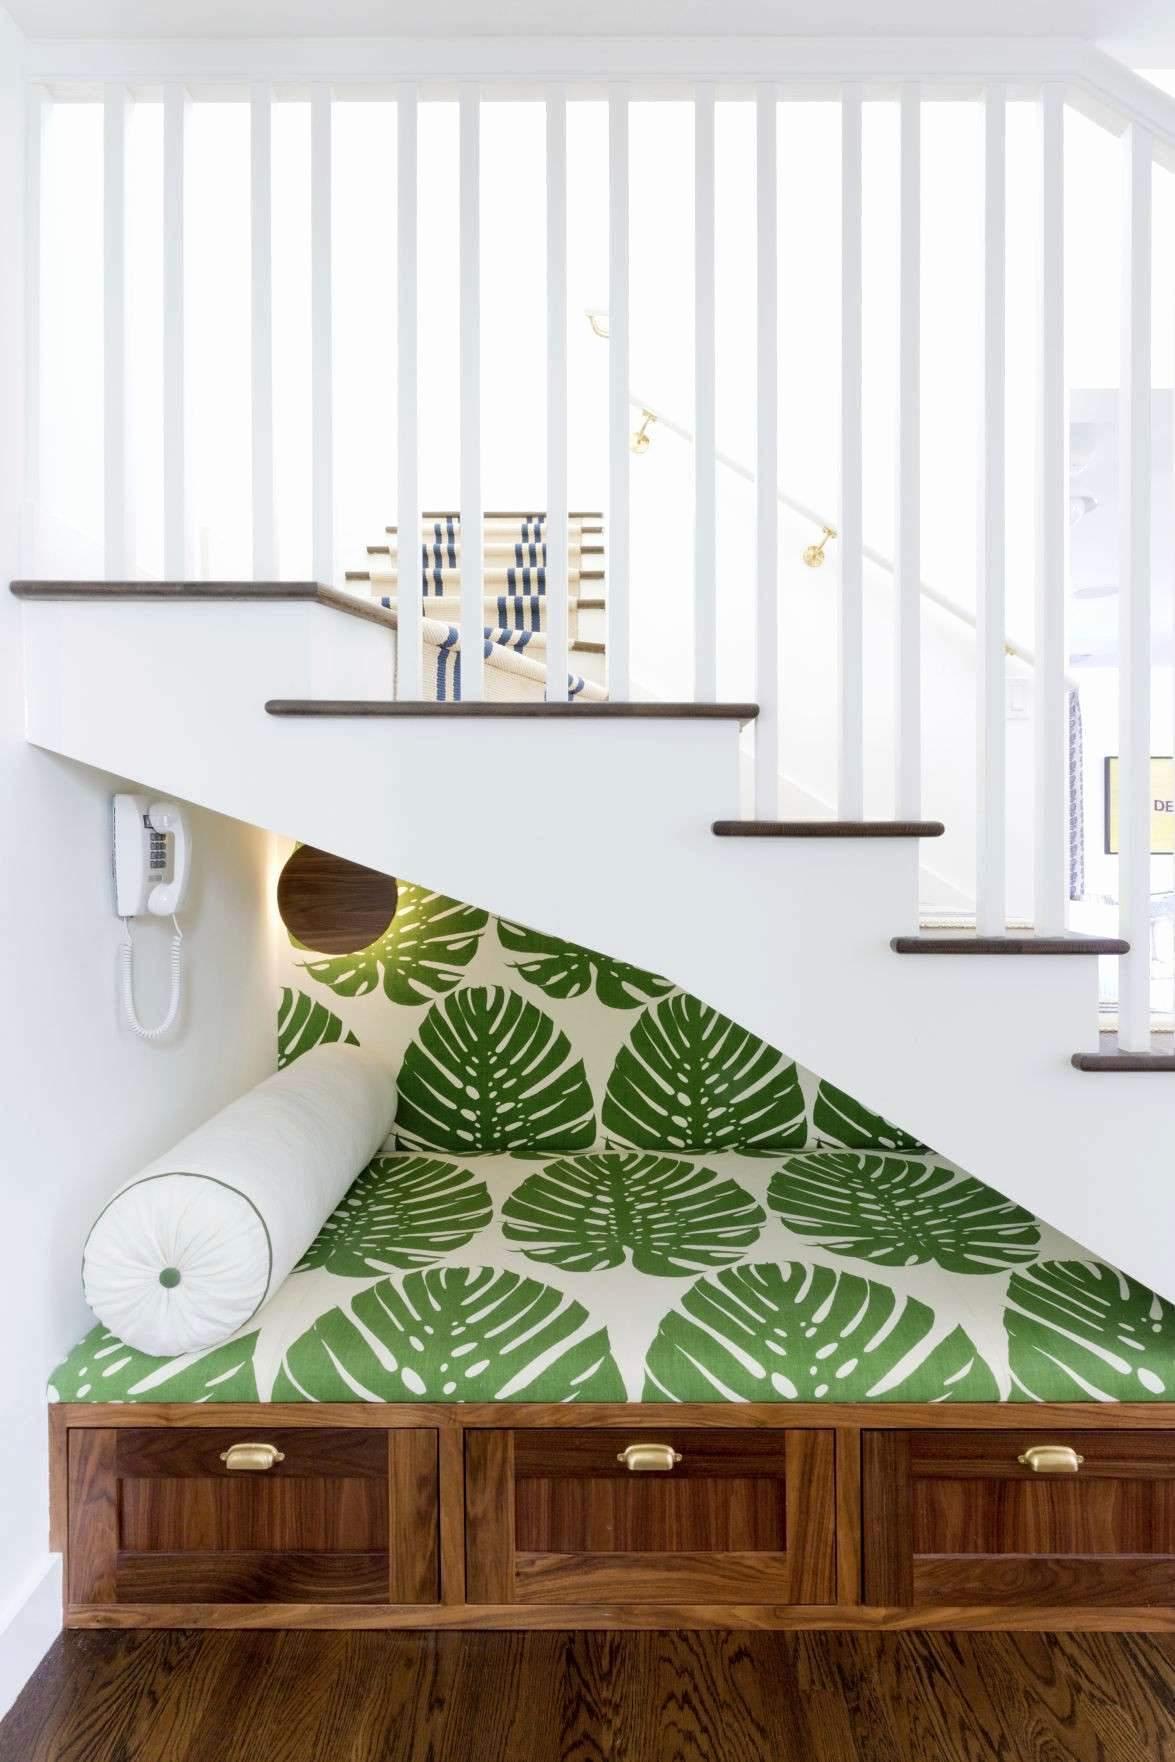 Full Size of Das Wohnzimmer Genial Moderne Tapeten Genial Wohnzimmer Tapete Modern Fresh 50 Wohnzimmer Wohnzimmer Tapete